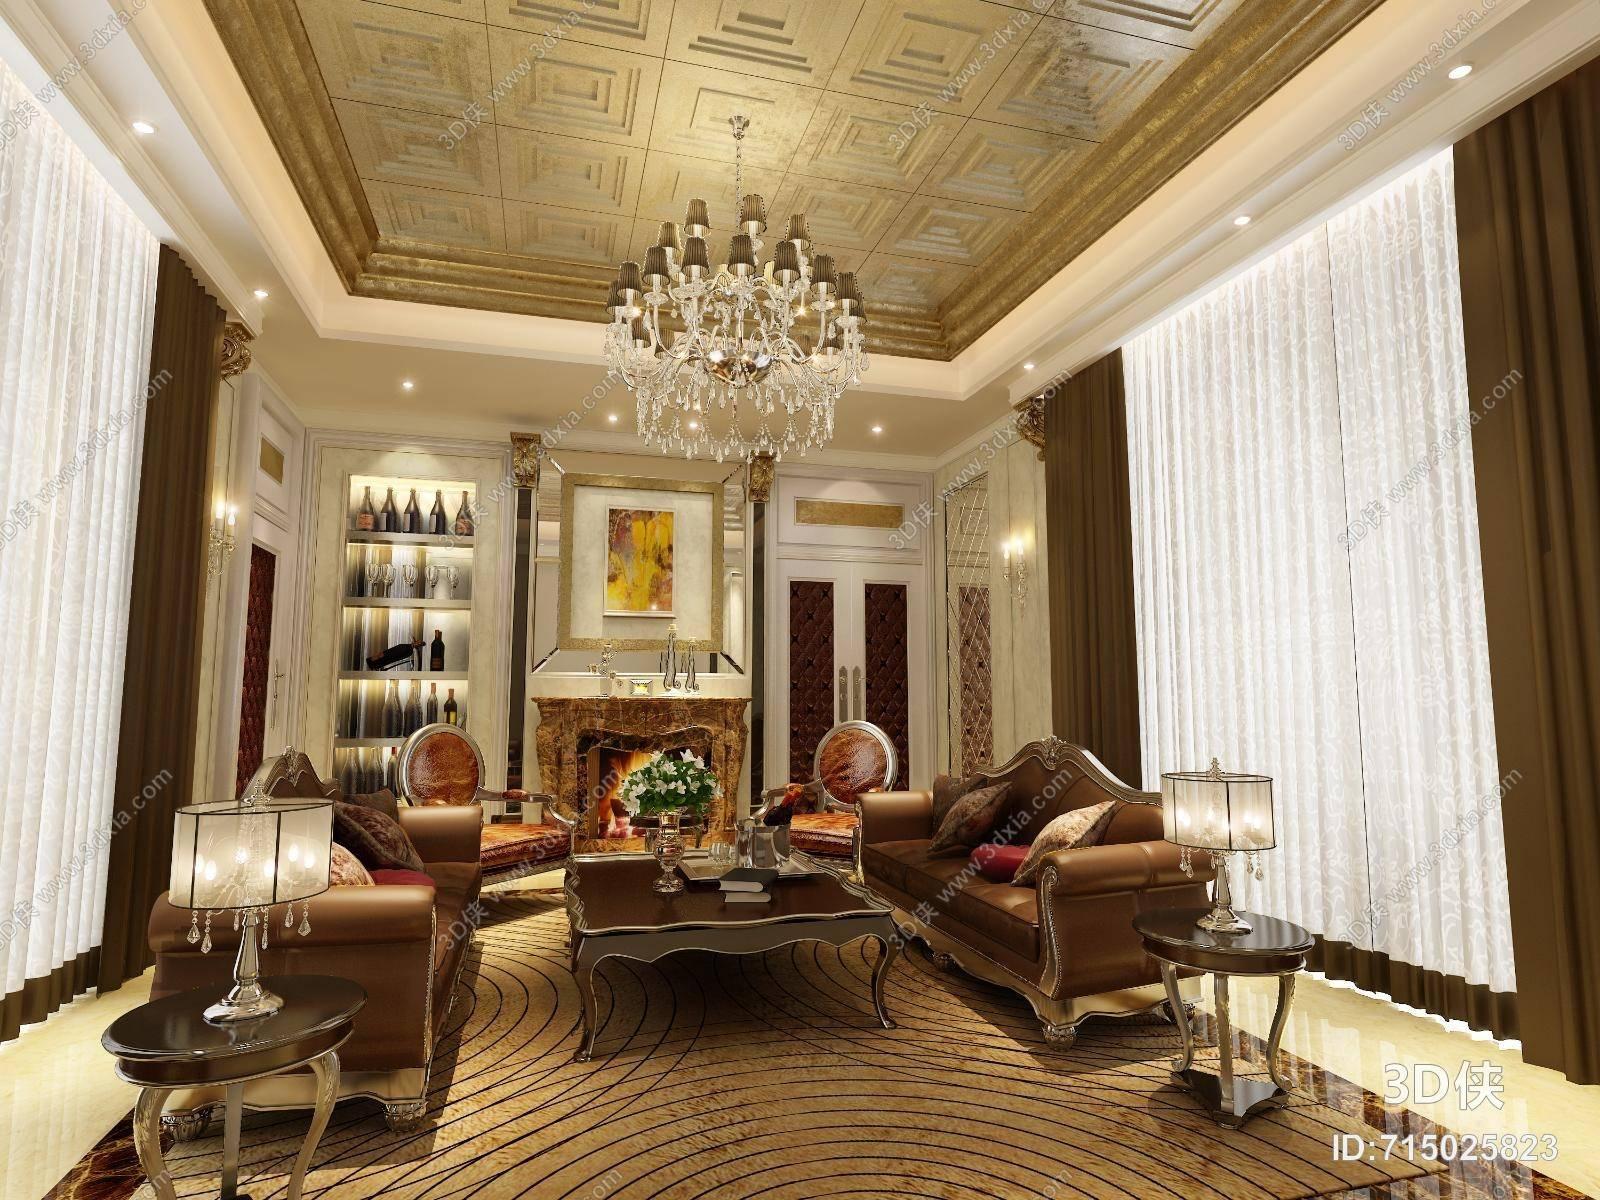 经典欧式别墅客厅 经典欧式沙发茶几组合 经典欧式白色水晶吊灯 经典